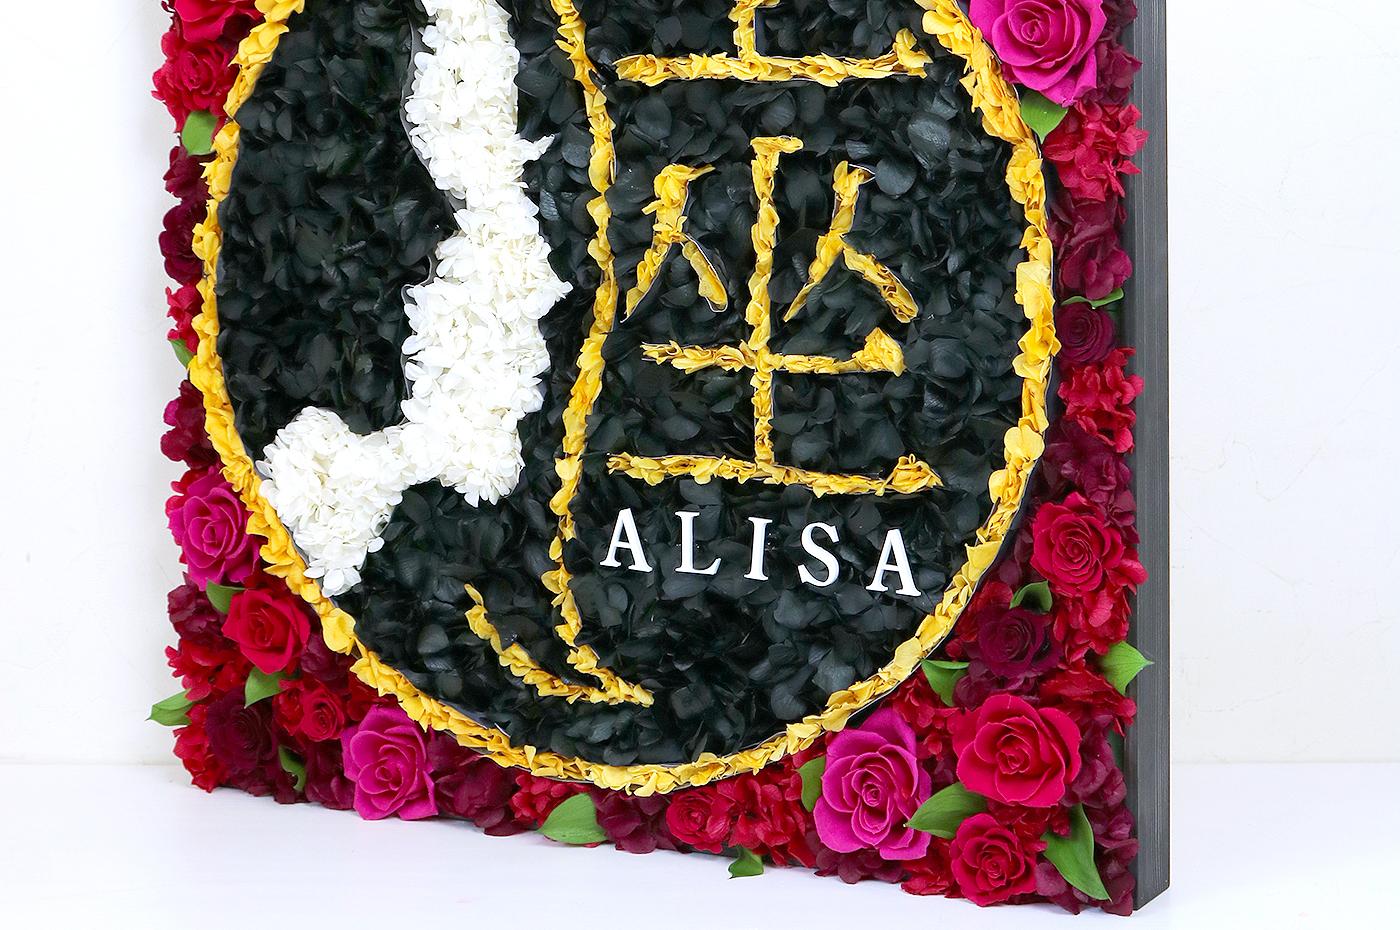 観月ありささんの舞台座ALISAへのお祝い花制作